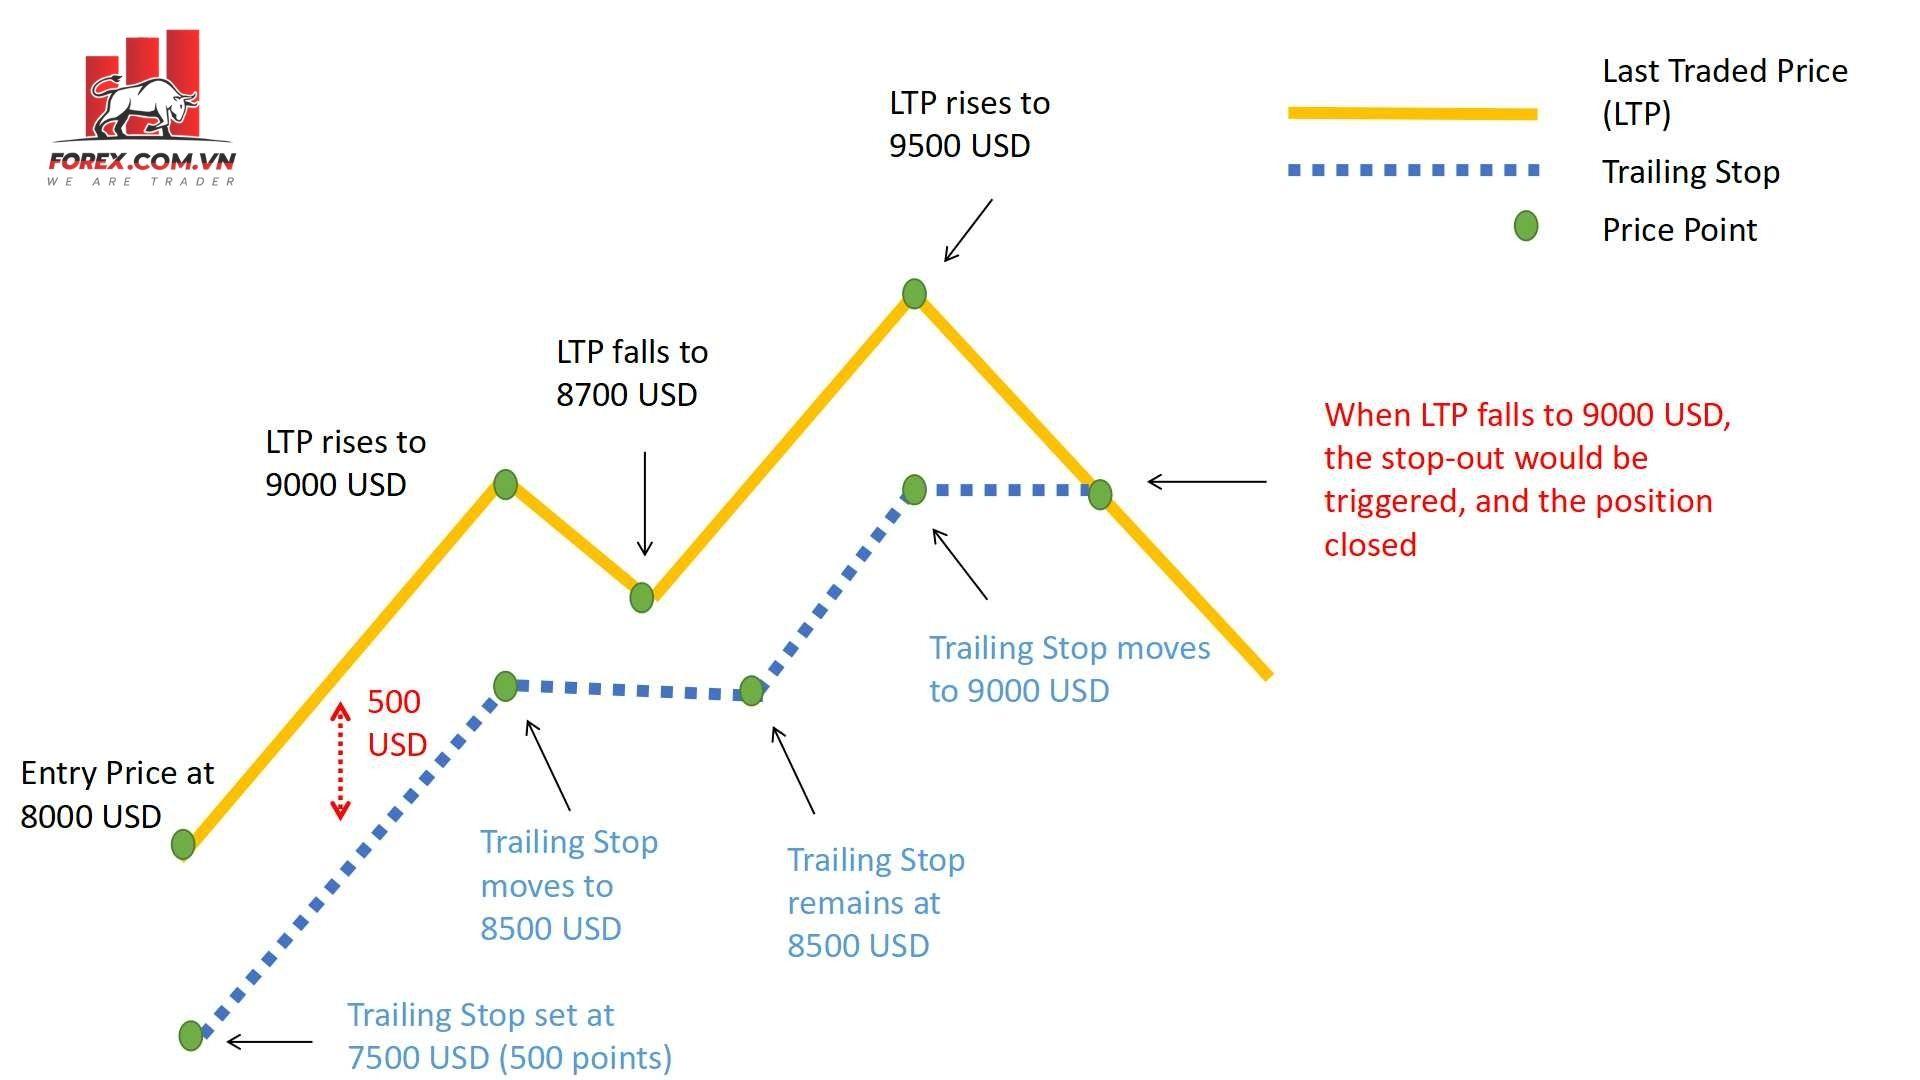 Ví dụ cụ thể về cách hoạt động của Trailing stop